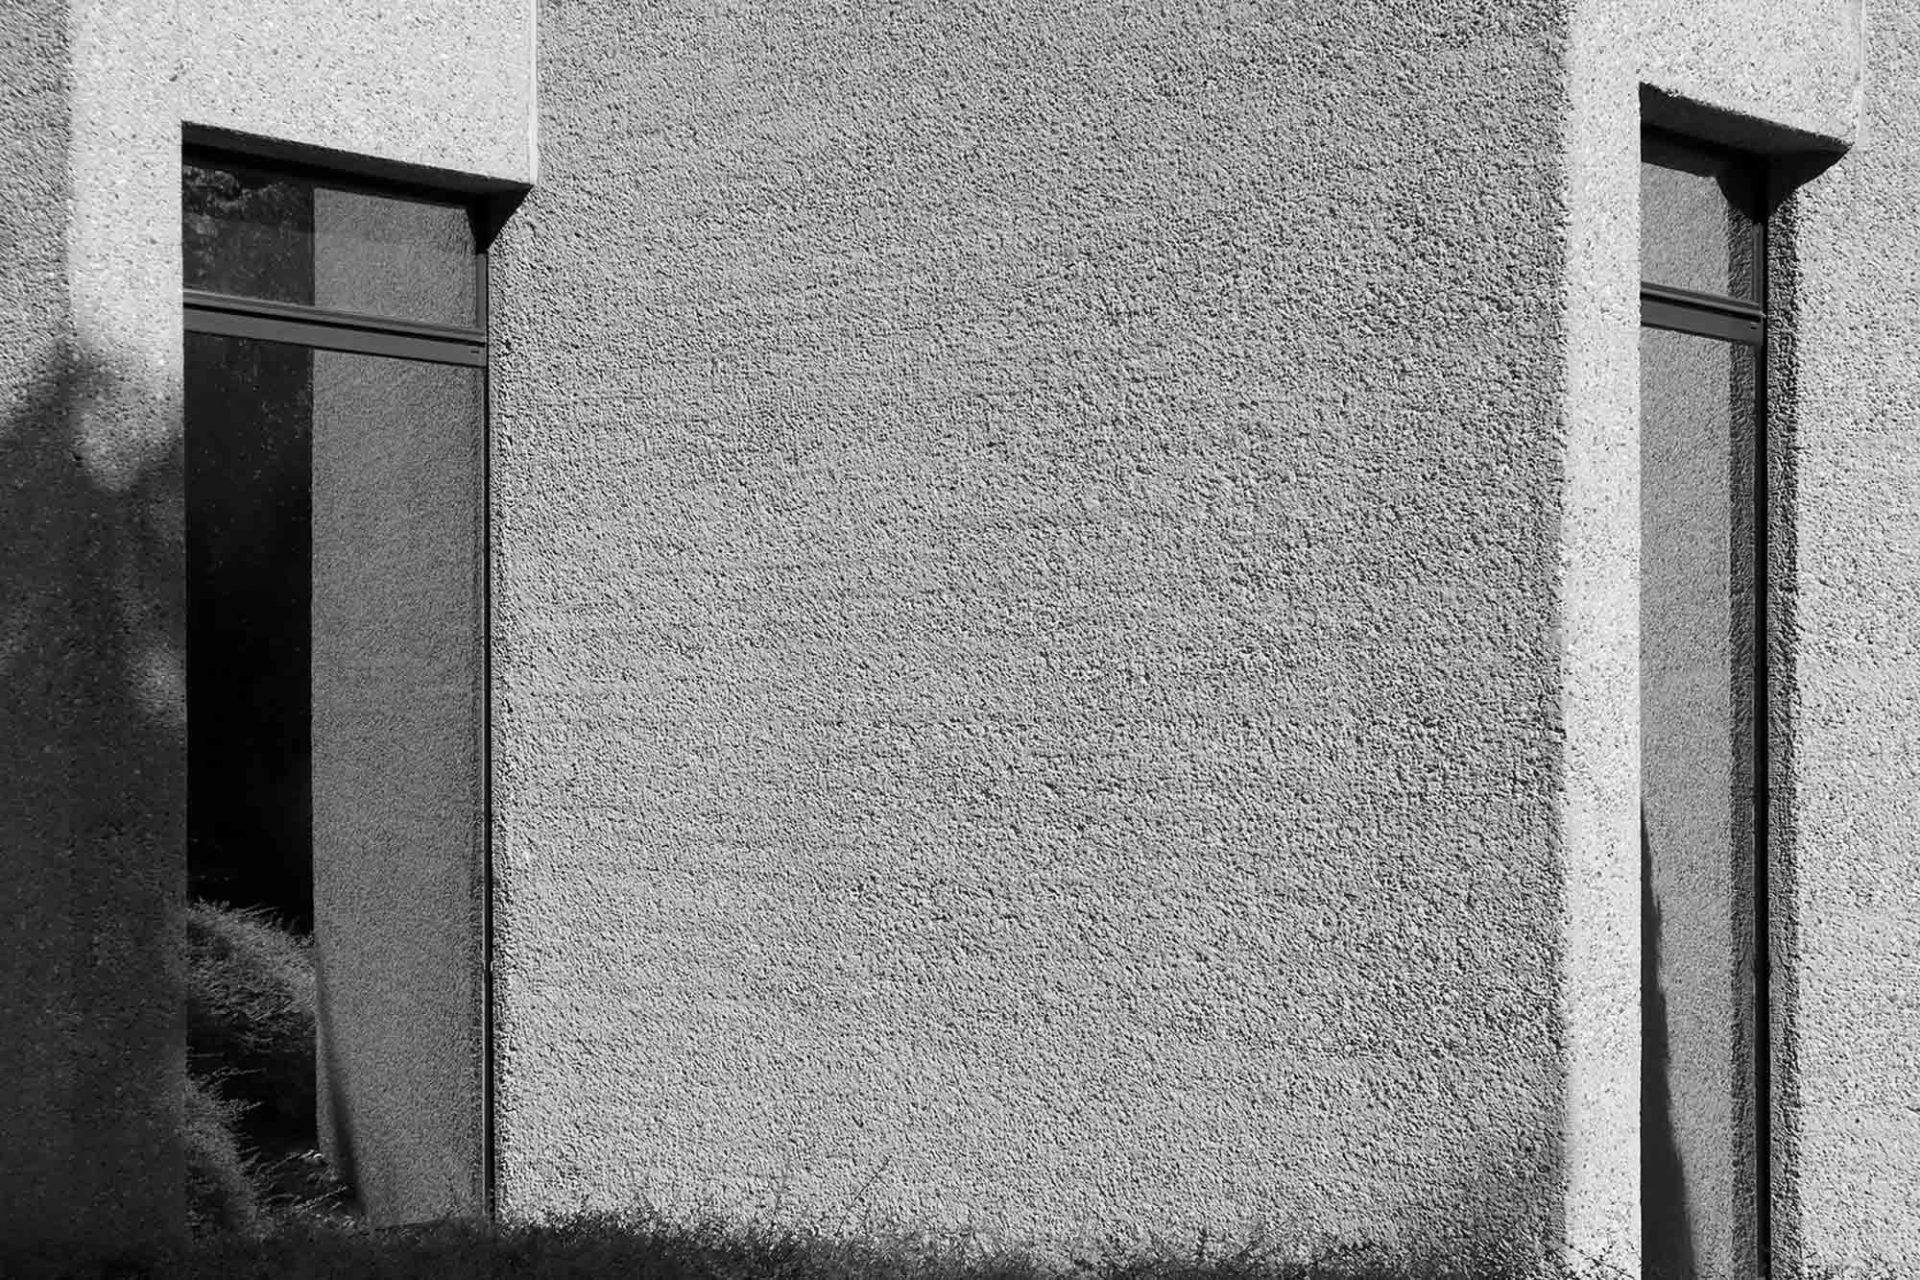 Deutsches Literaturarchiv. Die Oberfläche wurde mit dem Stockhammer bearbeitet. Durch das Abschlagen der Zementhaut erhielt der Beton eine Art Werkstein-Charakter.